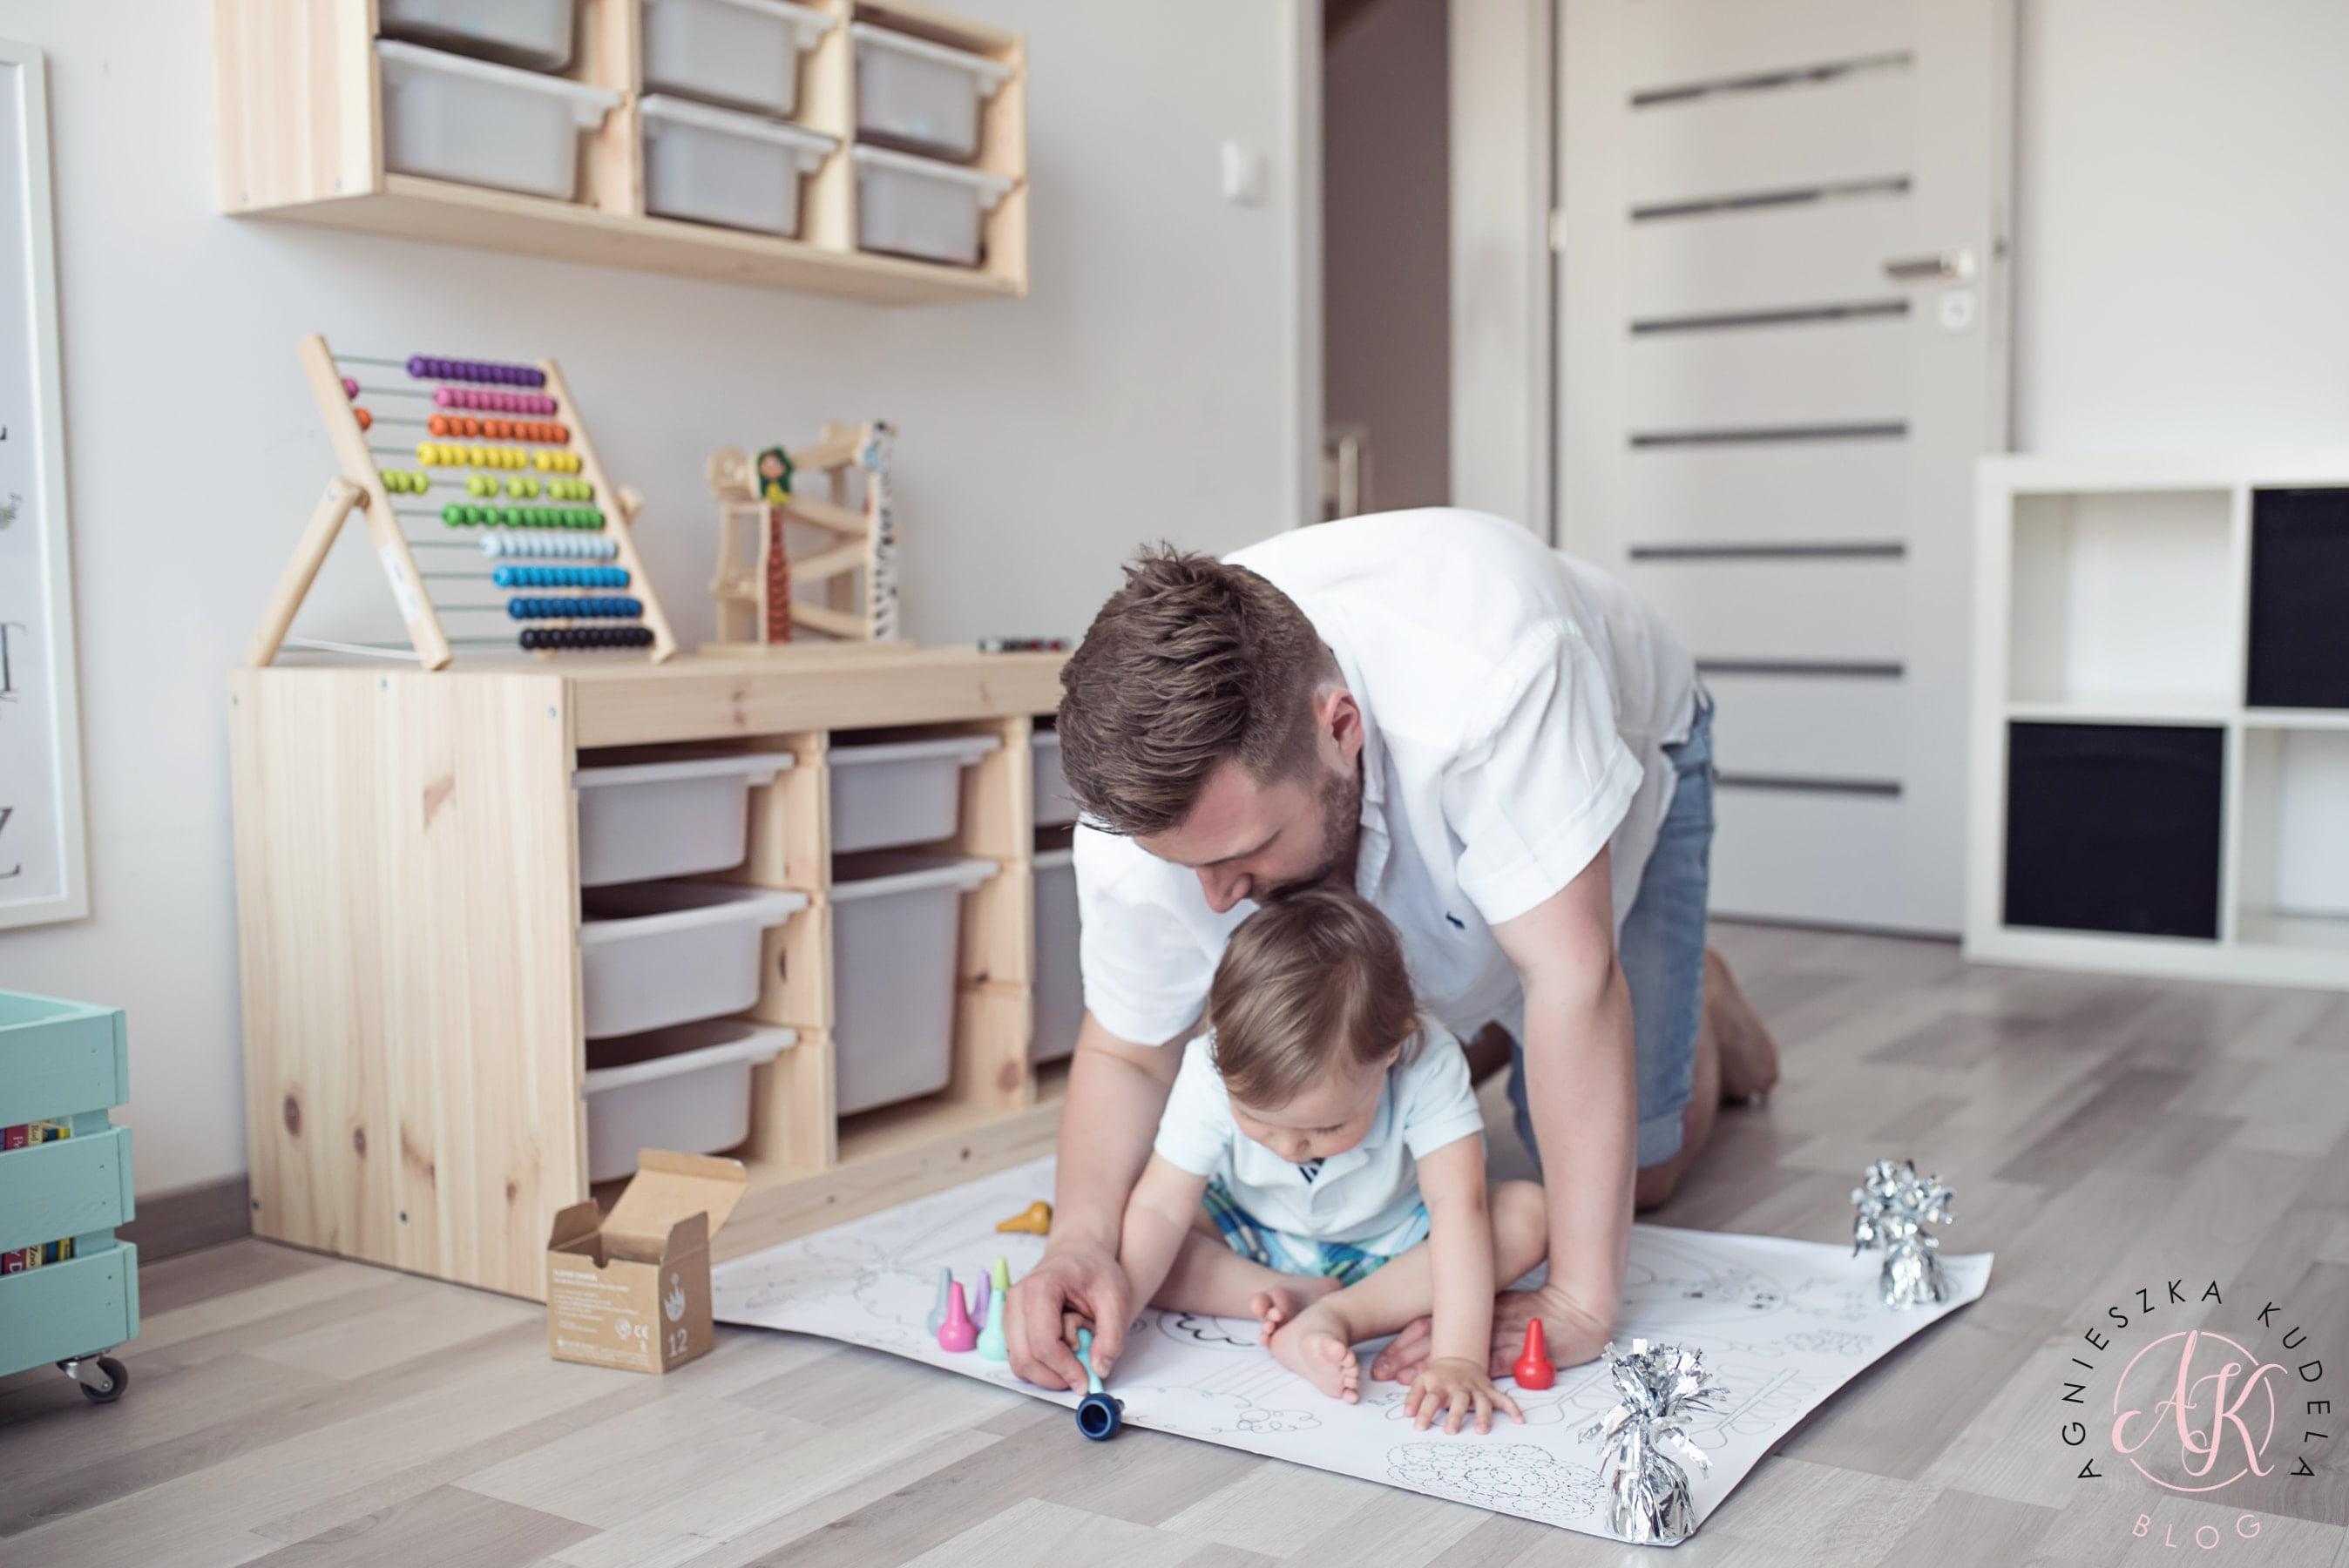 wystrój pokoju dla dziecka